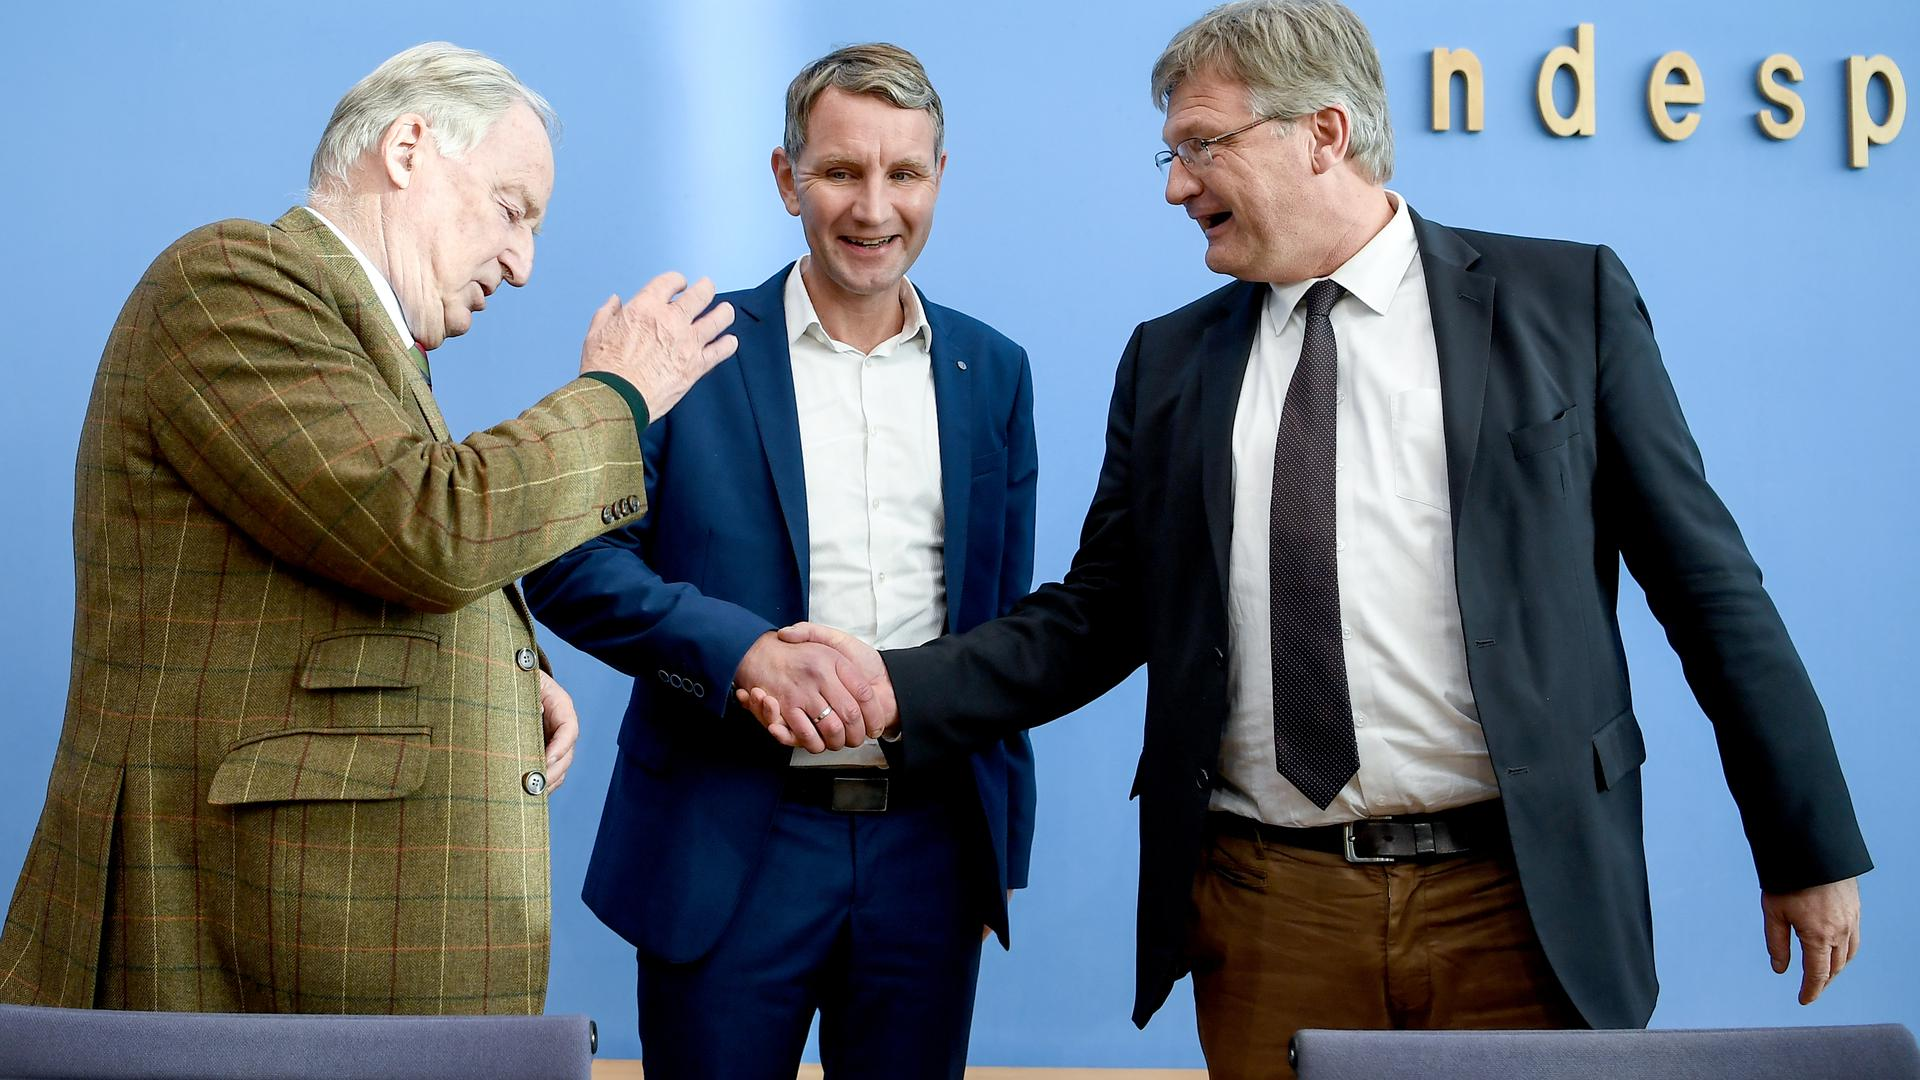 Alexander Gauland (l-r), AfD-Bundessprecher, Björn Höcke, Vorsitzender AfD-Fraktion im Thüringer Landtag, und Jörg Meuthen, AfD-Bundessprecher, geben eine Pressekonferenz über den Ausgang der Landtagswahl in Thüringen in der Bundespressekonferenz. +++ dpa-Bildfunk +++